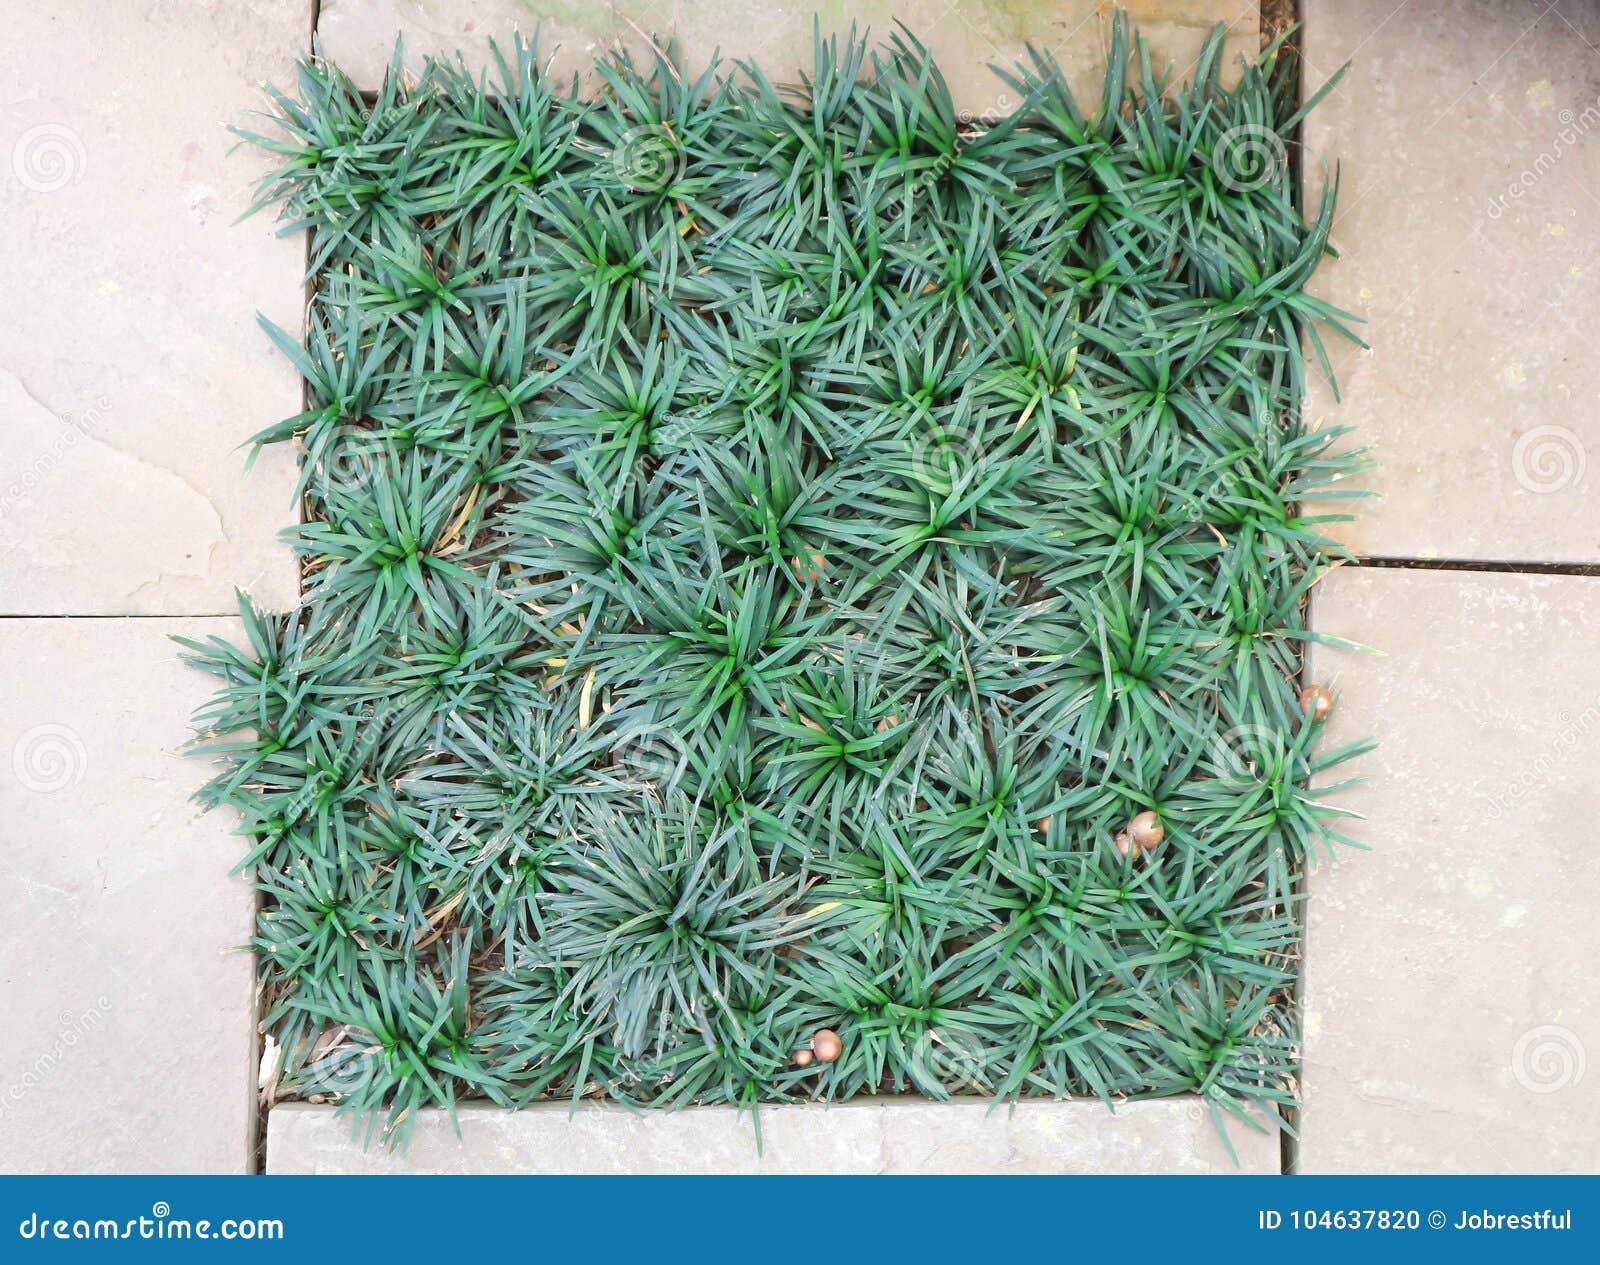 Download De Baard Van Mini Mondo Grass Of Van Slangen Stock Foto - Afbeelding bestaande uit groei, groen: 104637820